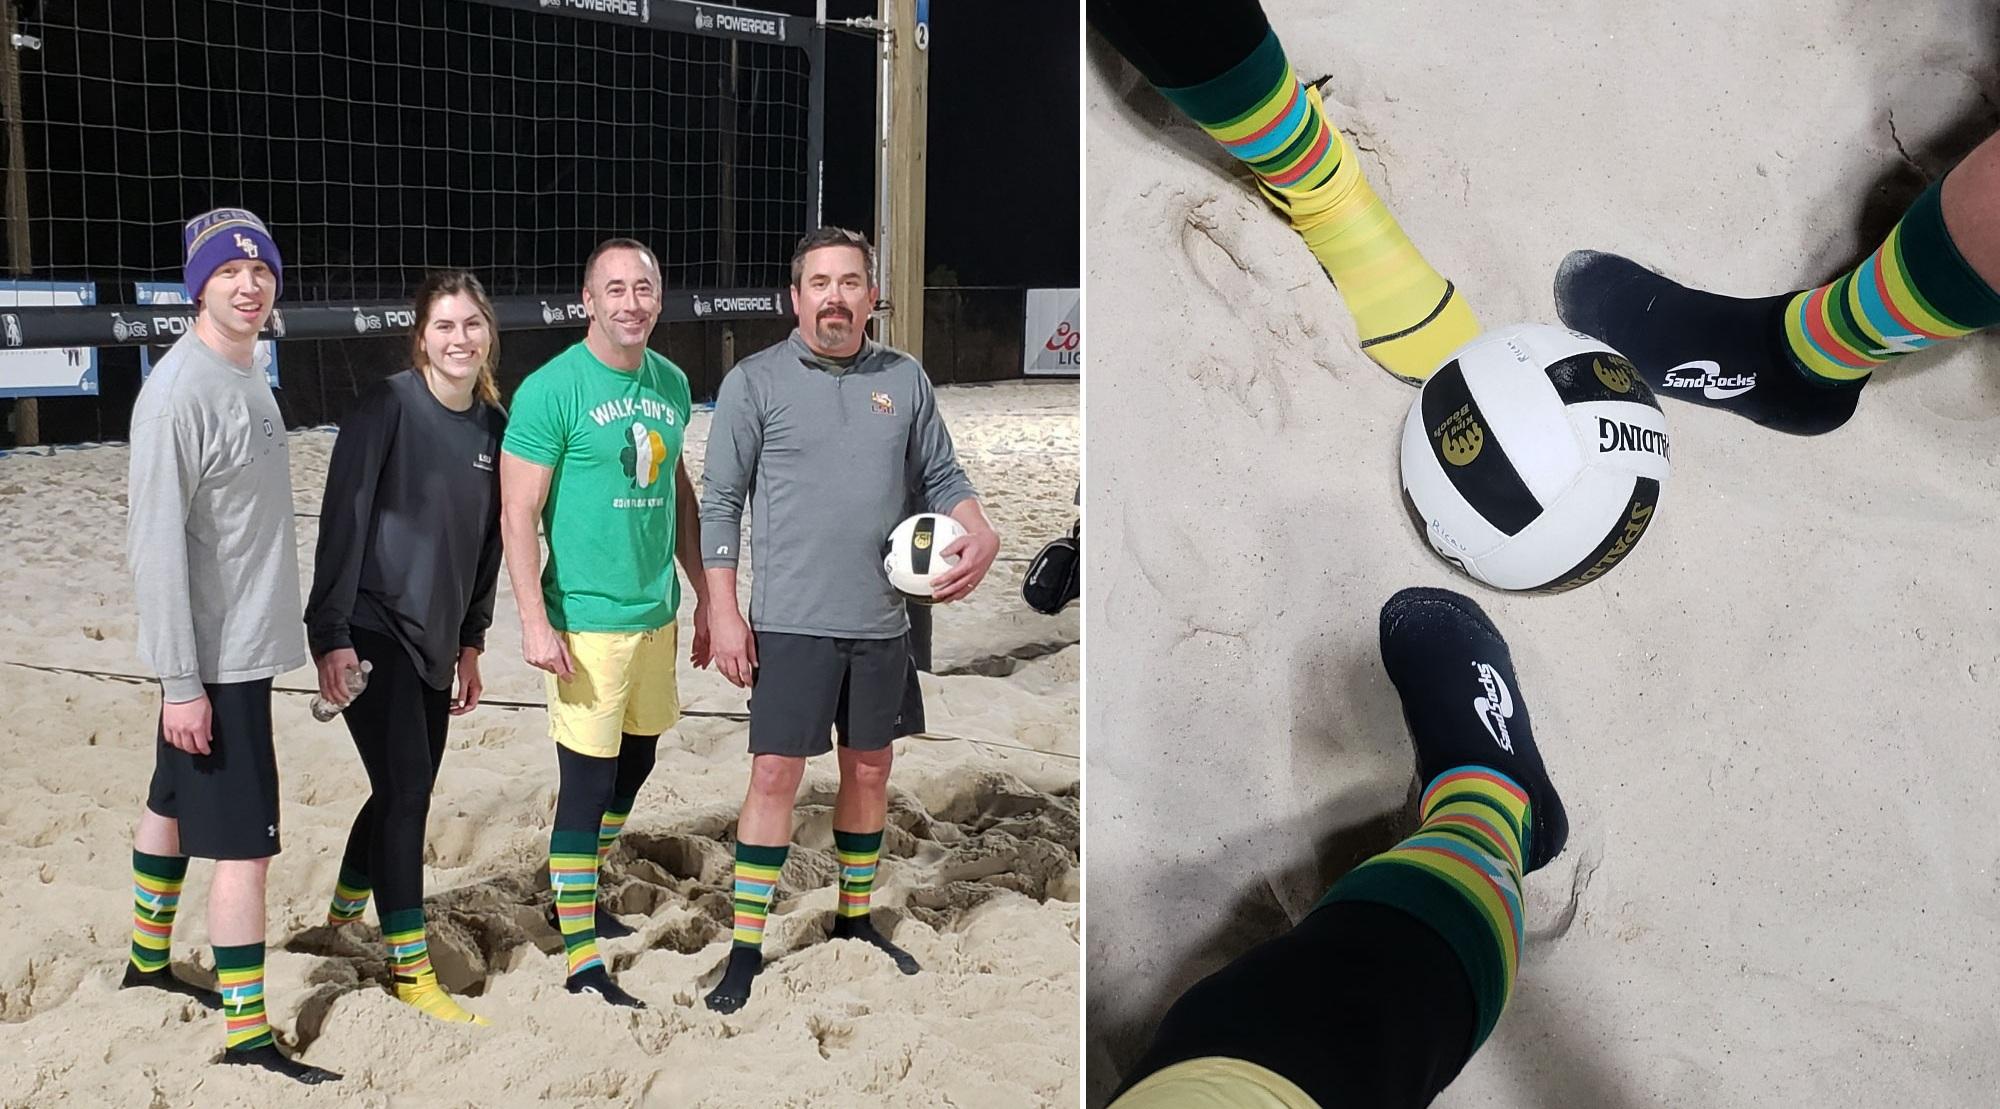 Sparkhound's sand volleyball team